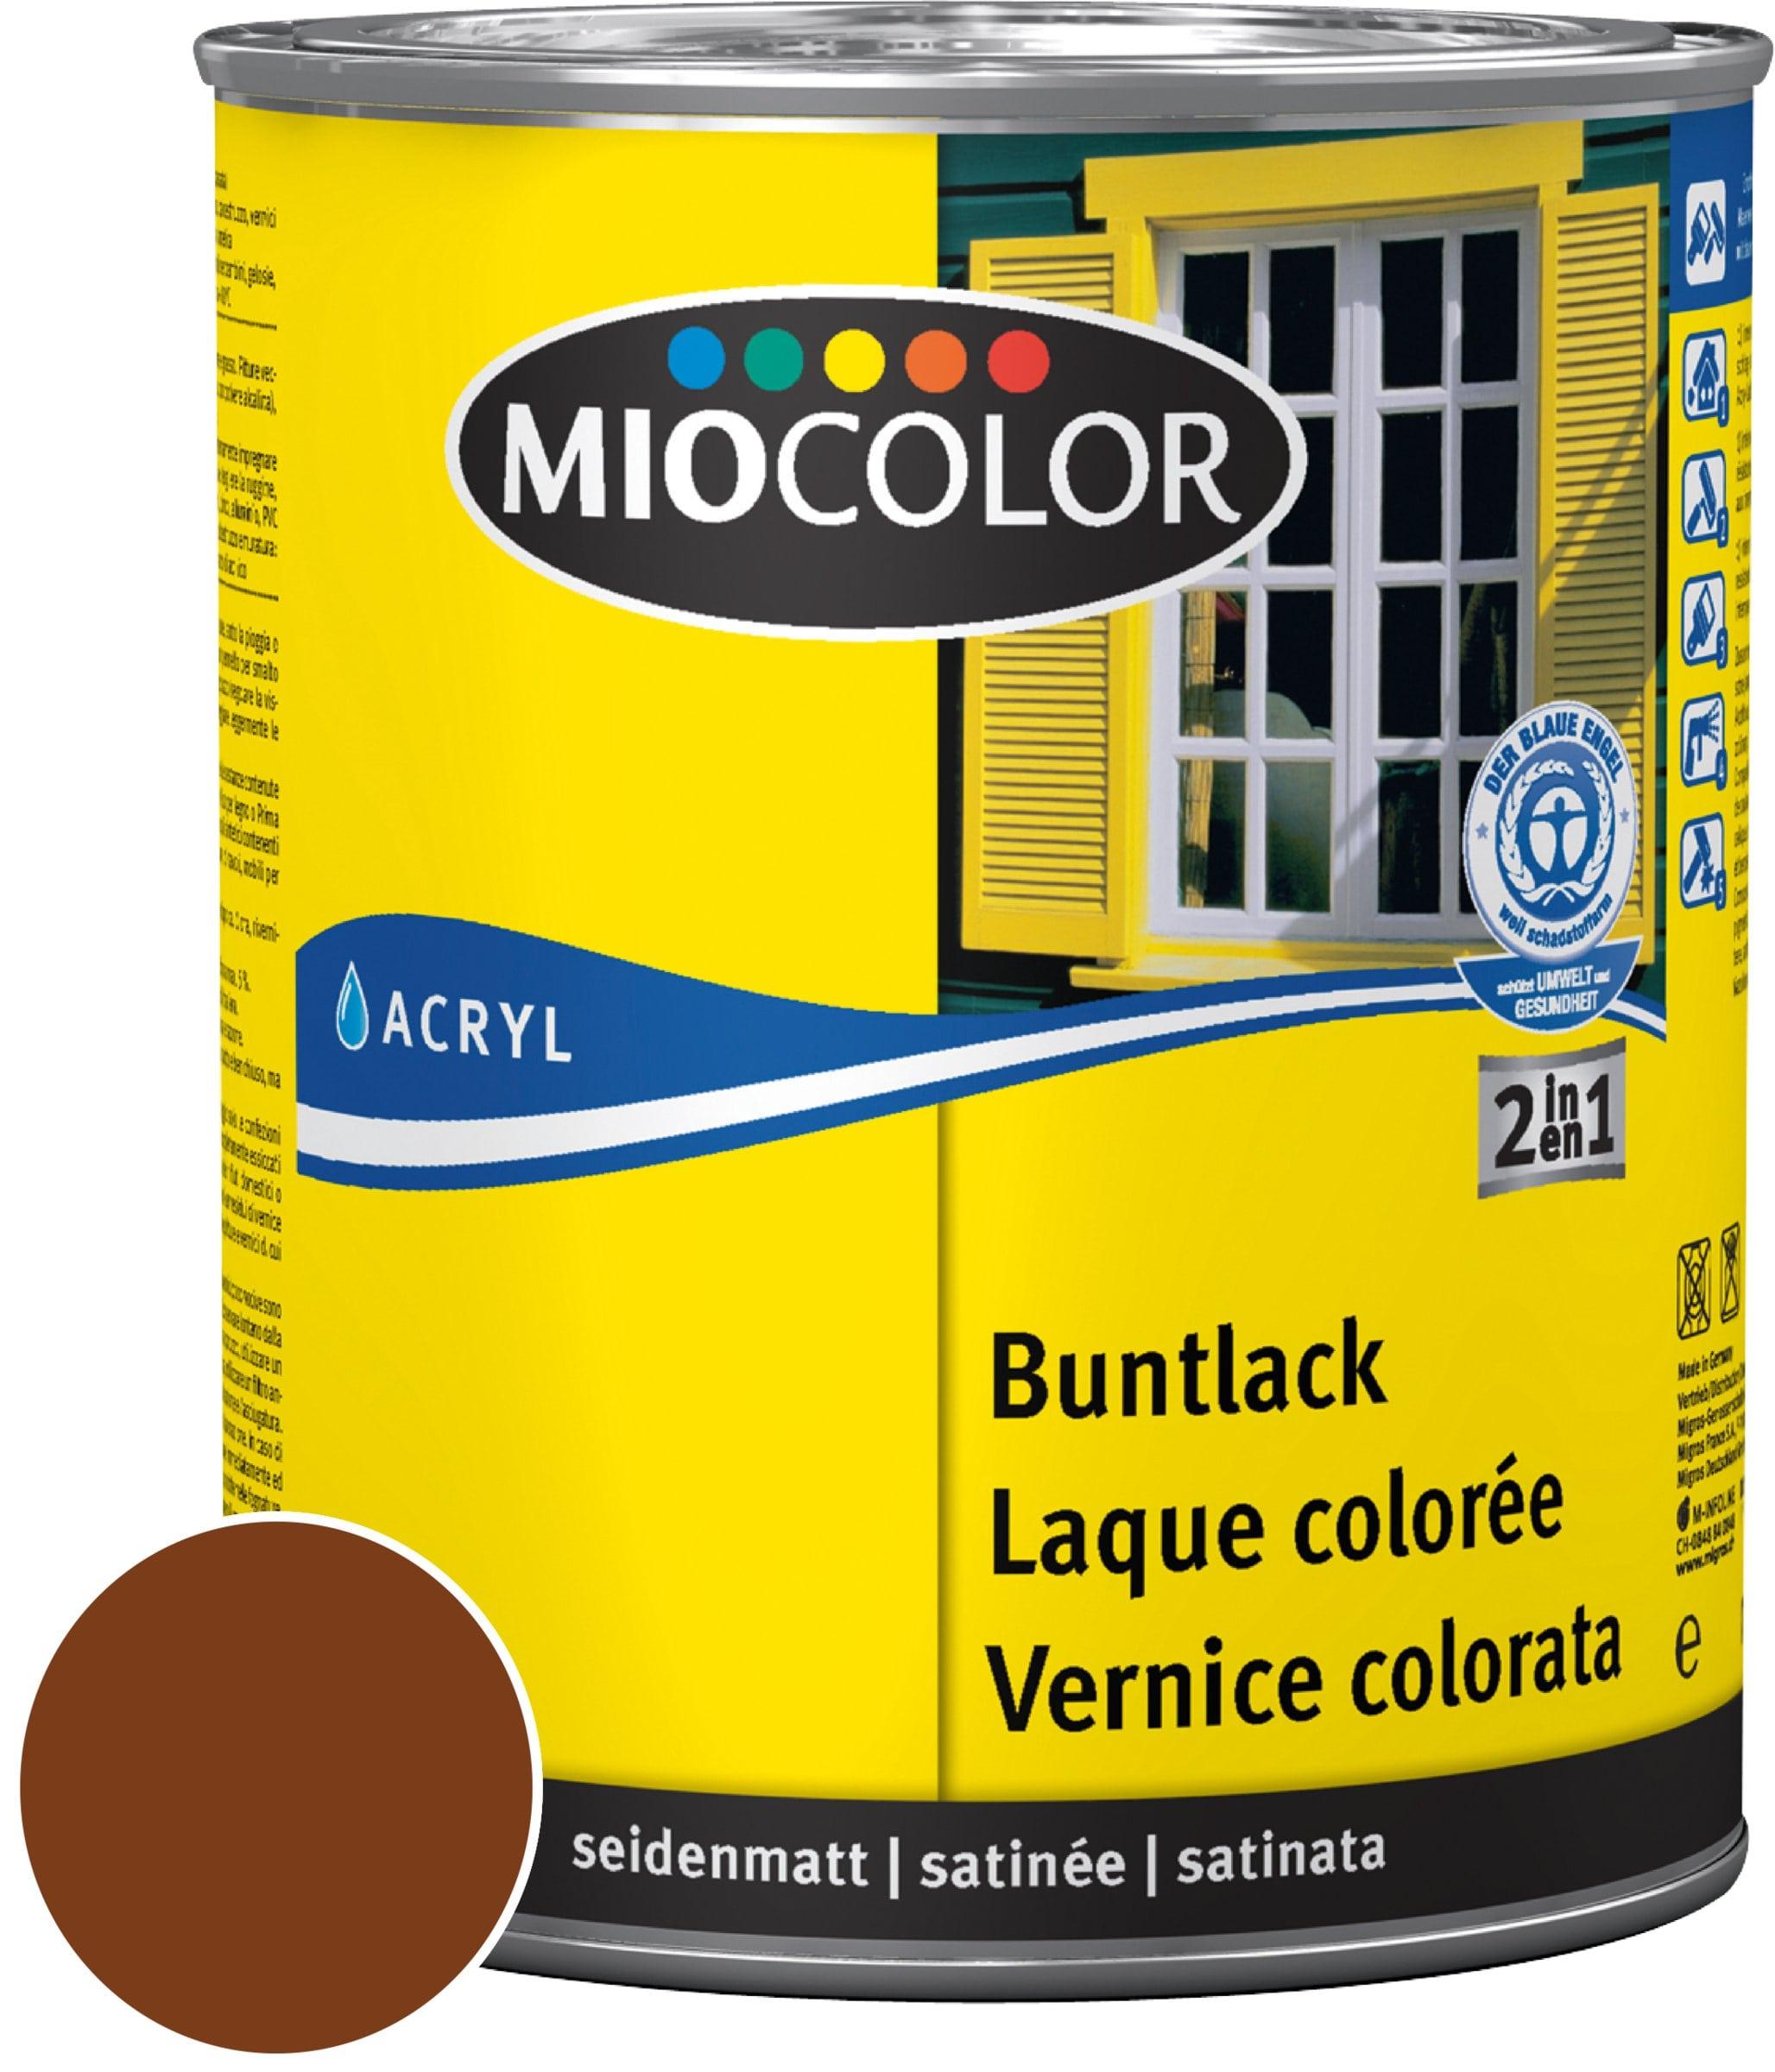 Miocolor Acryl Vernice colorata satinata Marrone noce 125 ml